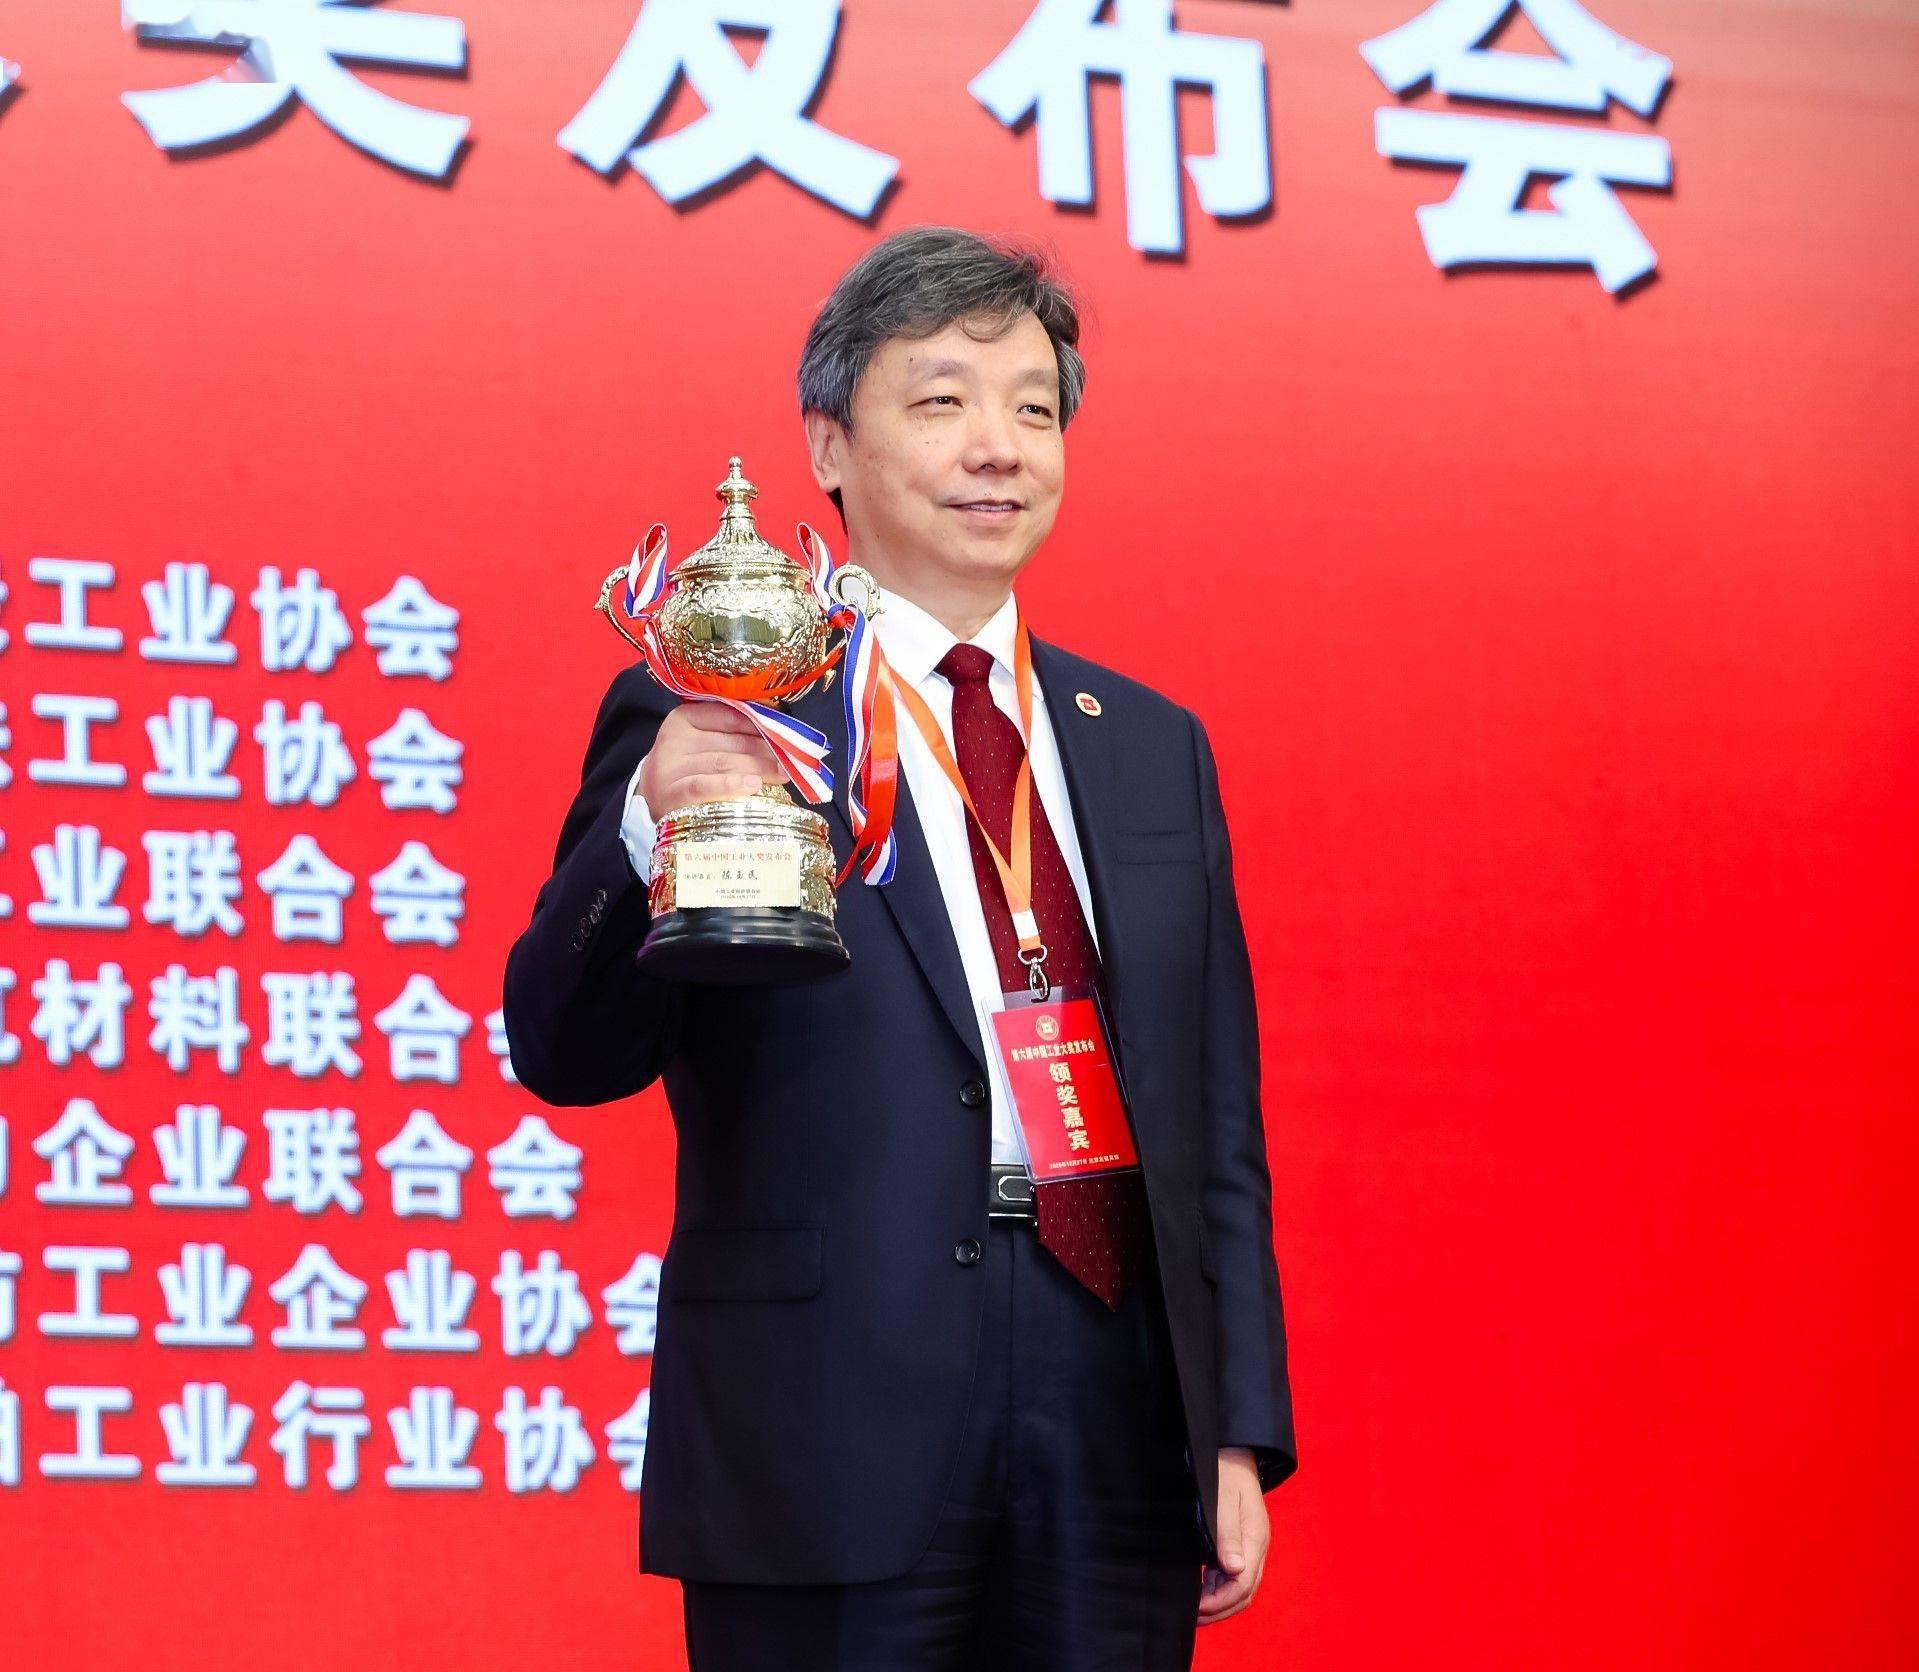 白酒院士后,山东黄金董事长也入围院士,曾获国家科技进步二等奖